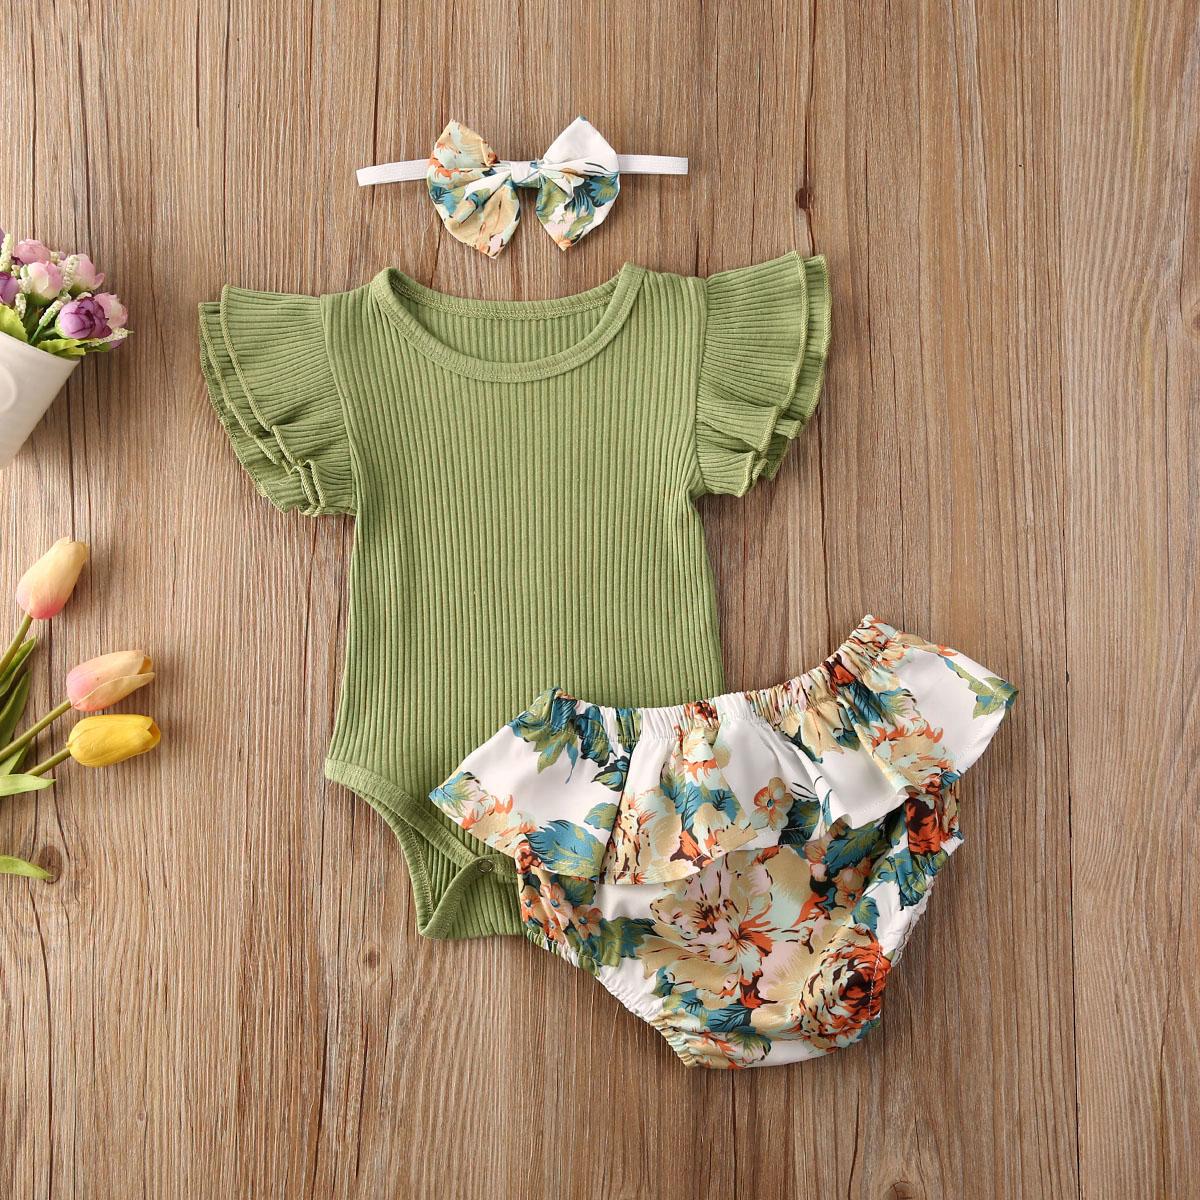 Emmababy, ropa para niña recién nacida, mono con manga de mosca de Color liso, Tops, pantalones cortos con estampado de flores y volantes, diadema, trajes de 3 uds